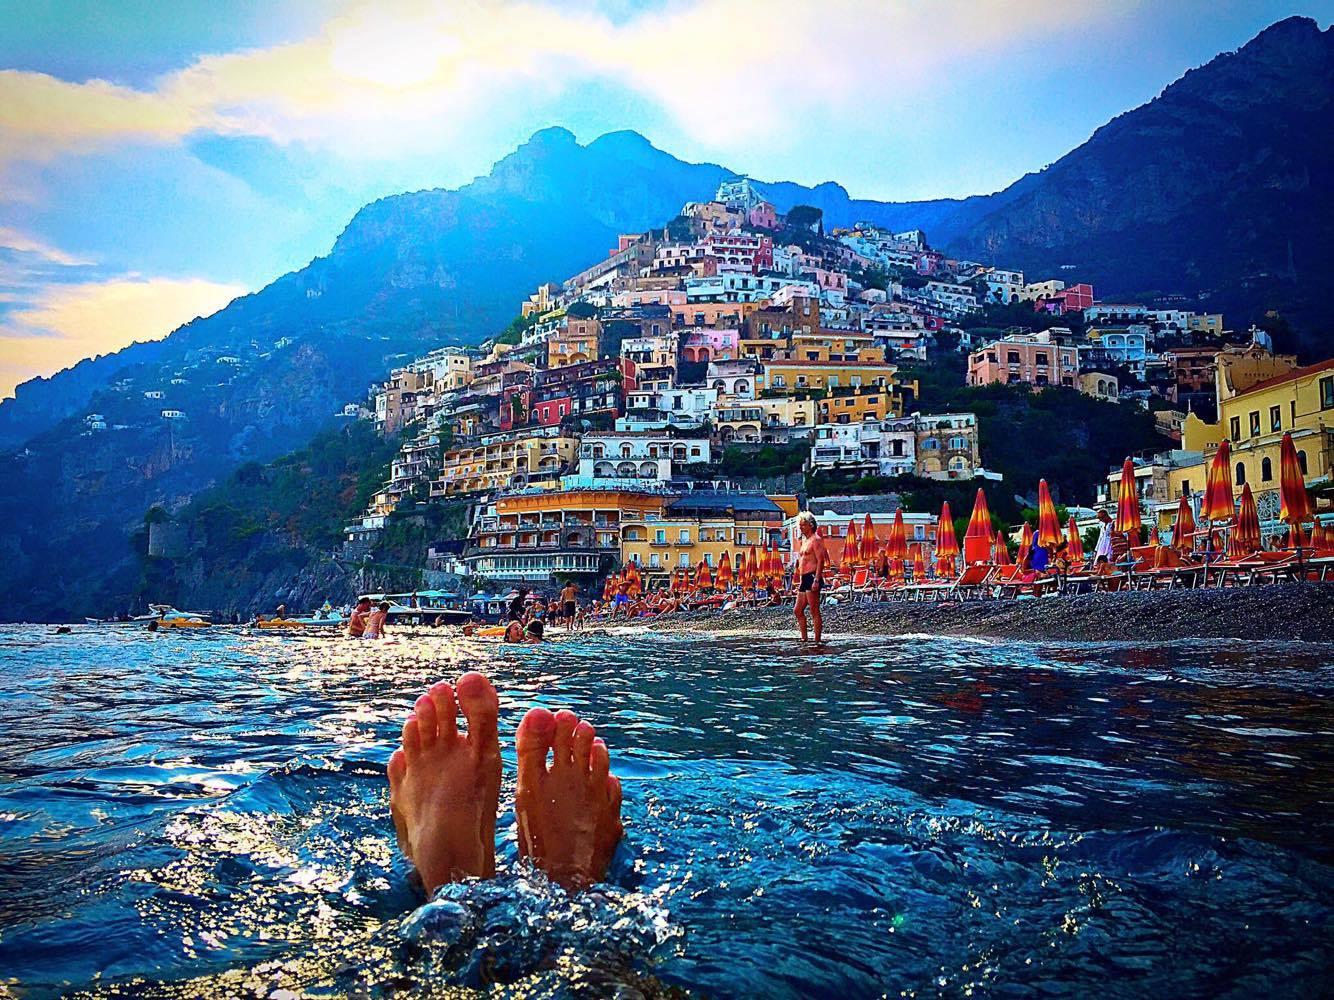 Positano-Italien-von-Tamara-Prutsch-@carriepr.jpg